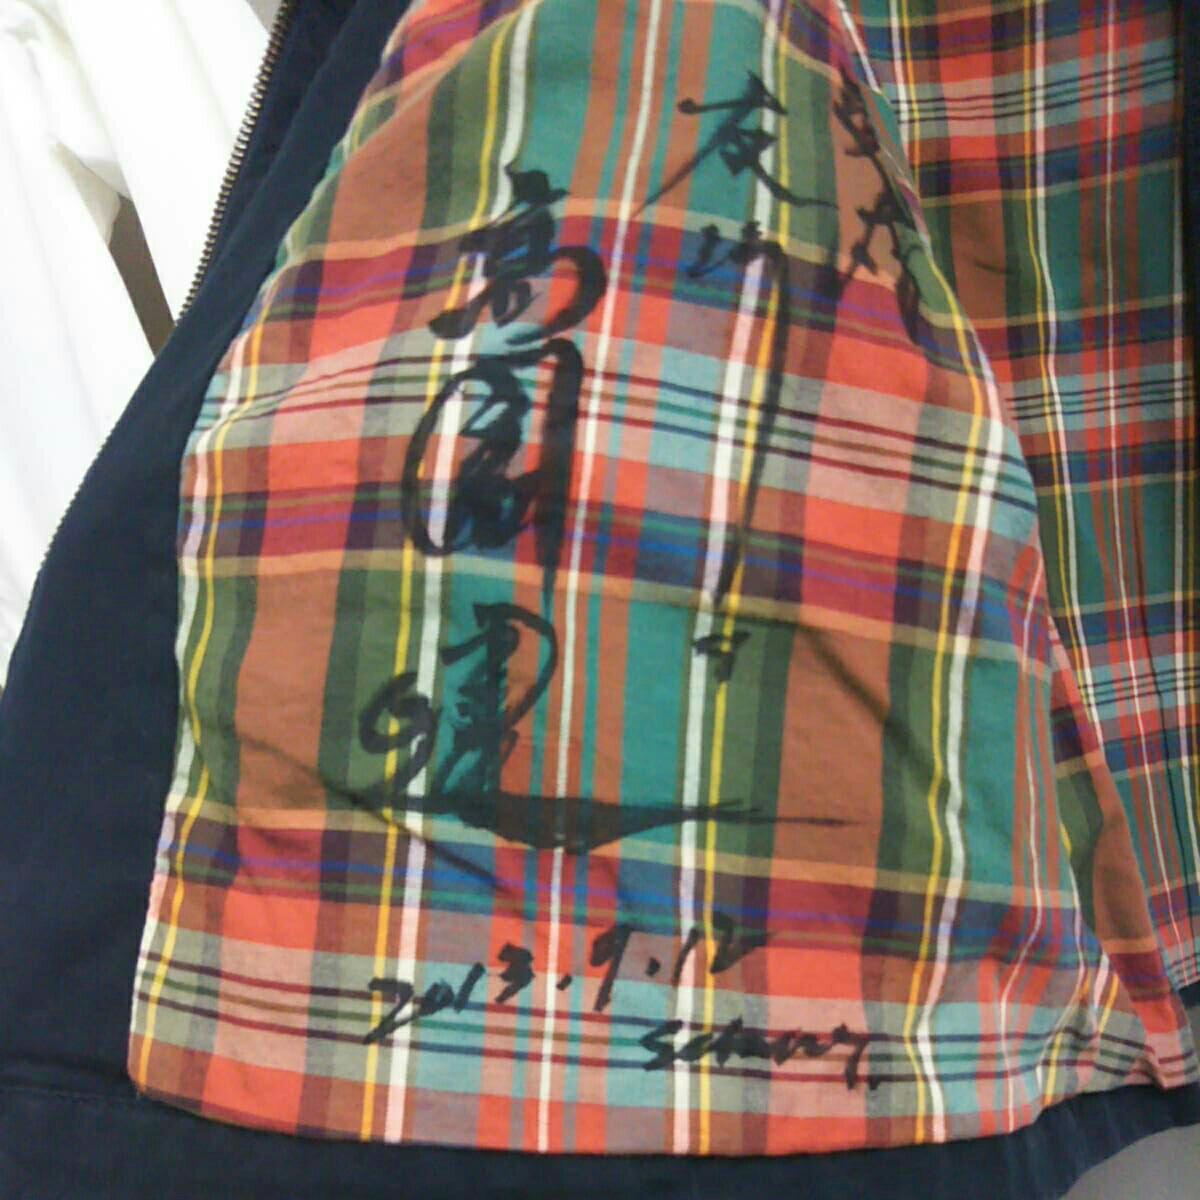 高倉健さん(クラシックラガー)のCMで使用していました。サイン入りの特注品です。ラルフローレン